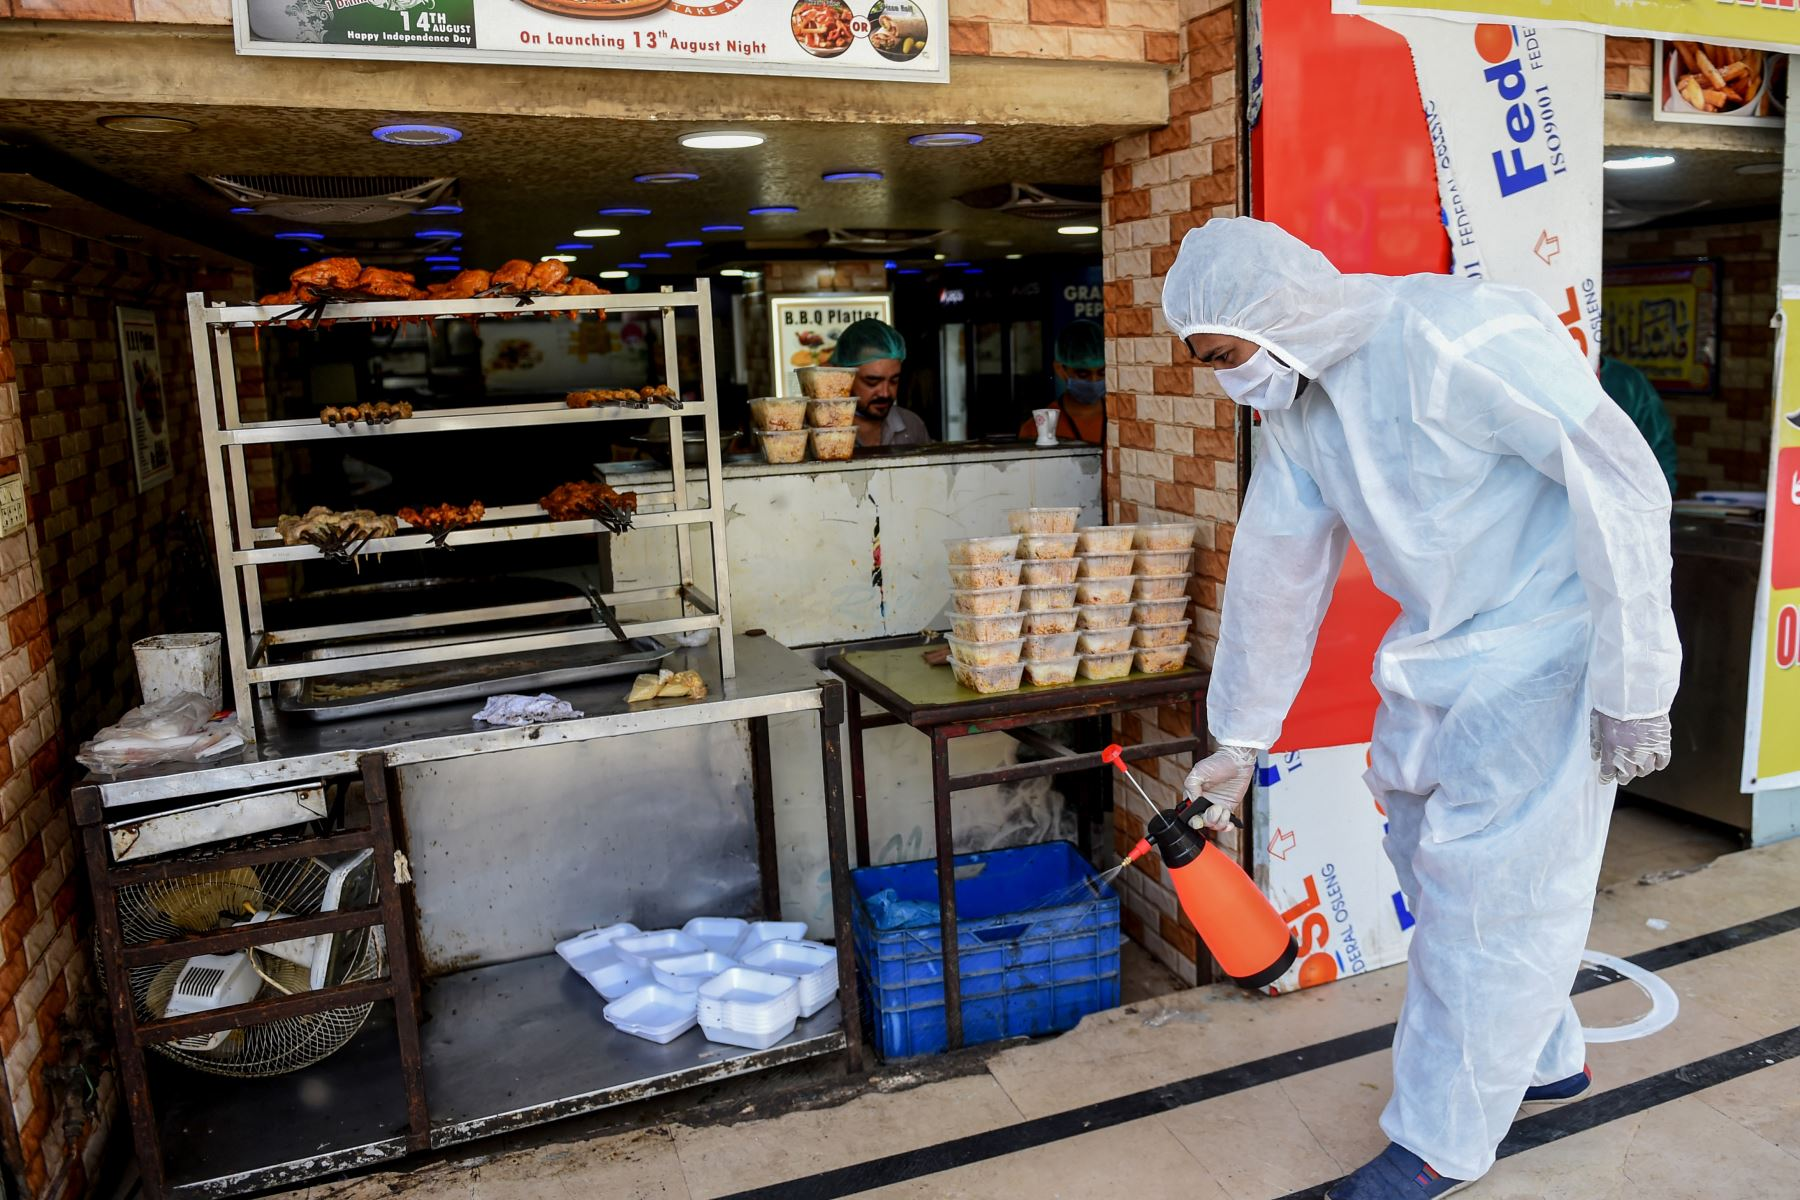 Un empleado rocía desinfectante fuera de un restaurante abierto para llevar y servicios de entrega durante un bloqueo nacional impuesto por el gobierno como medida preventiva contra el coronavirus COVID-19, en Pakistan. Foto: AFP